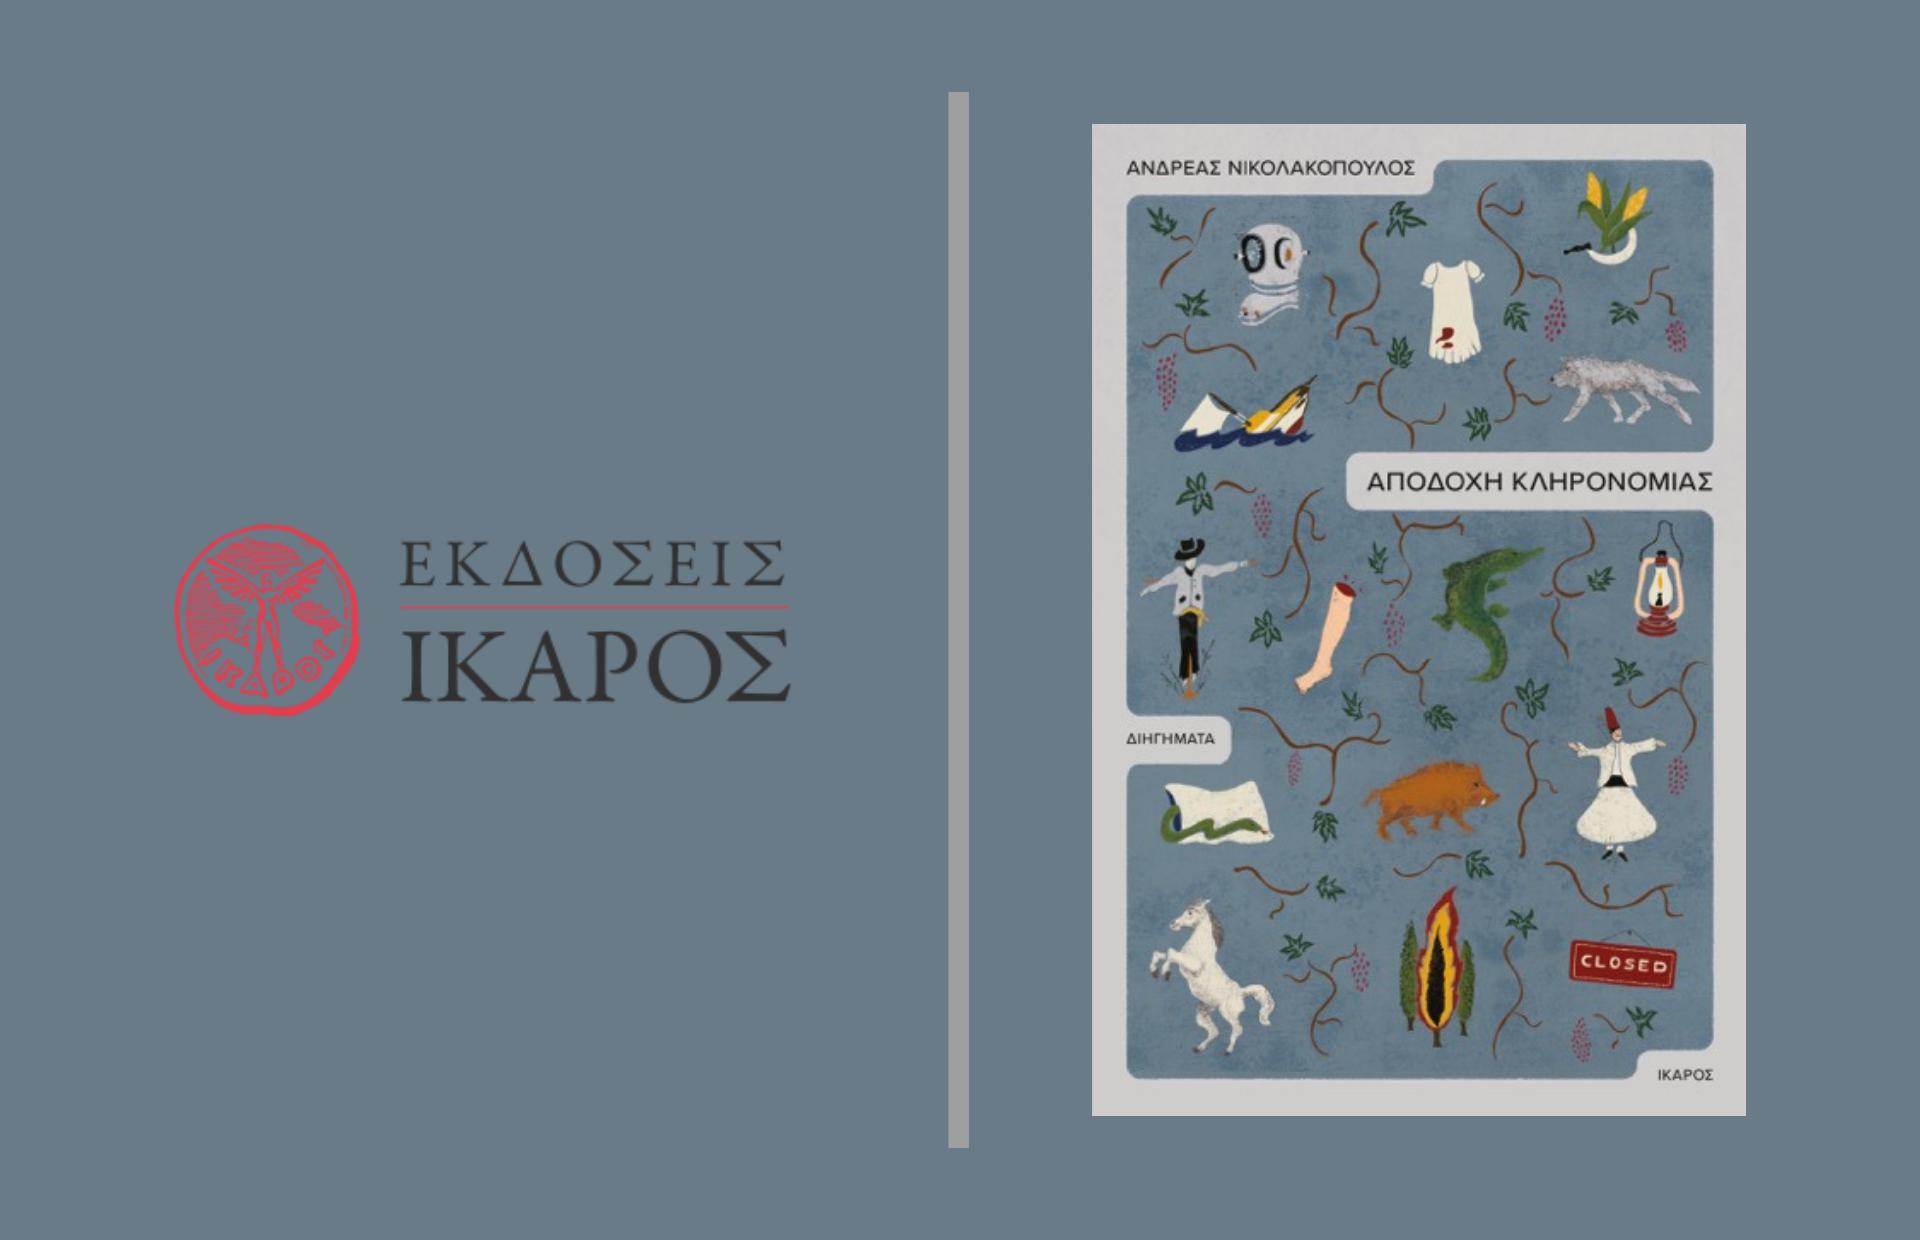 """""""Αποδοχή κληρονομιάς"""" Συλλογή διηγημάτων του Ανδρέα Νικολακόπουλου"""